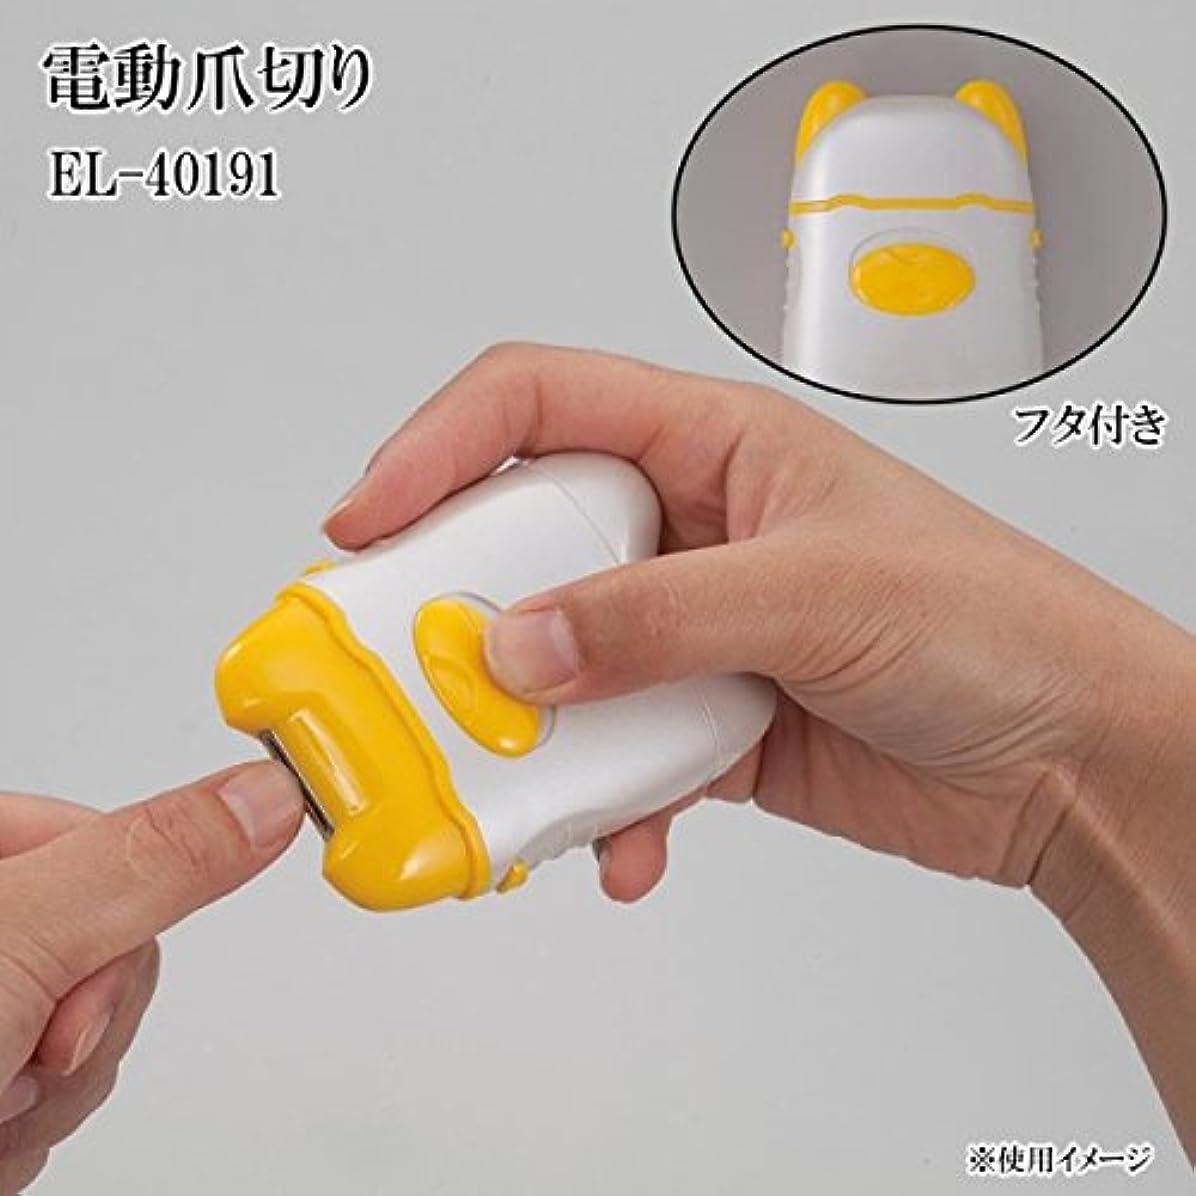 会社興奮するどんよりした電動爪切り EL-40191